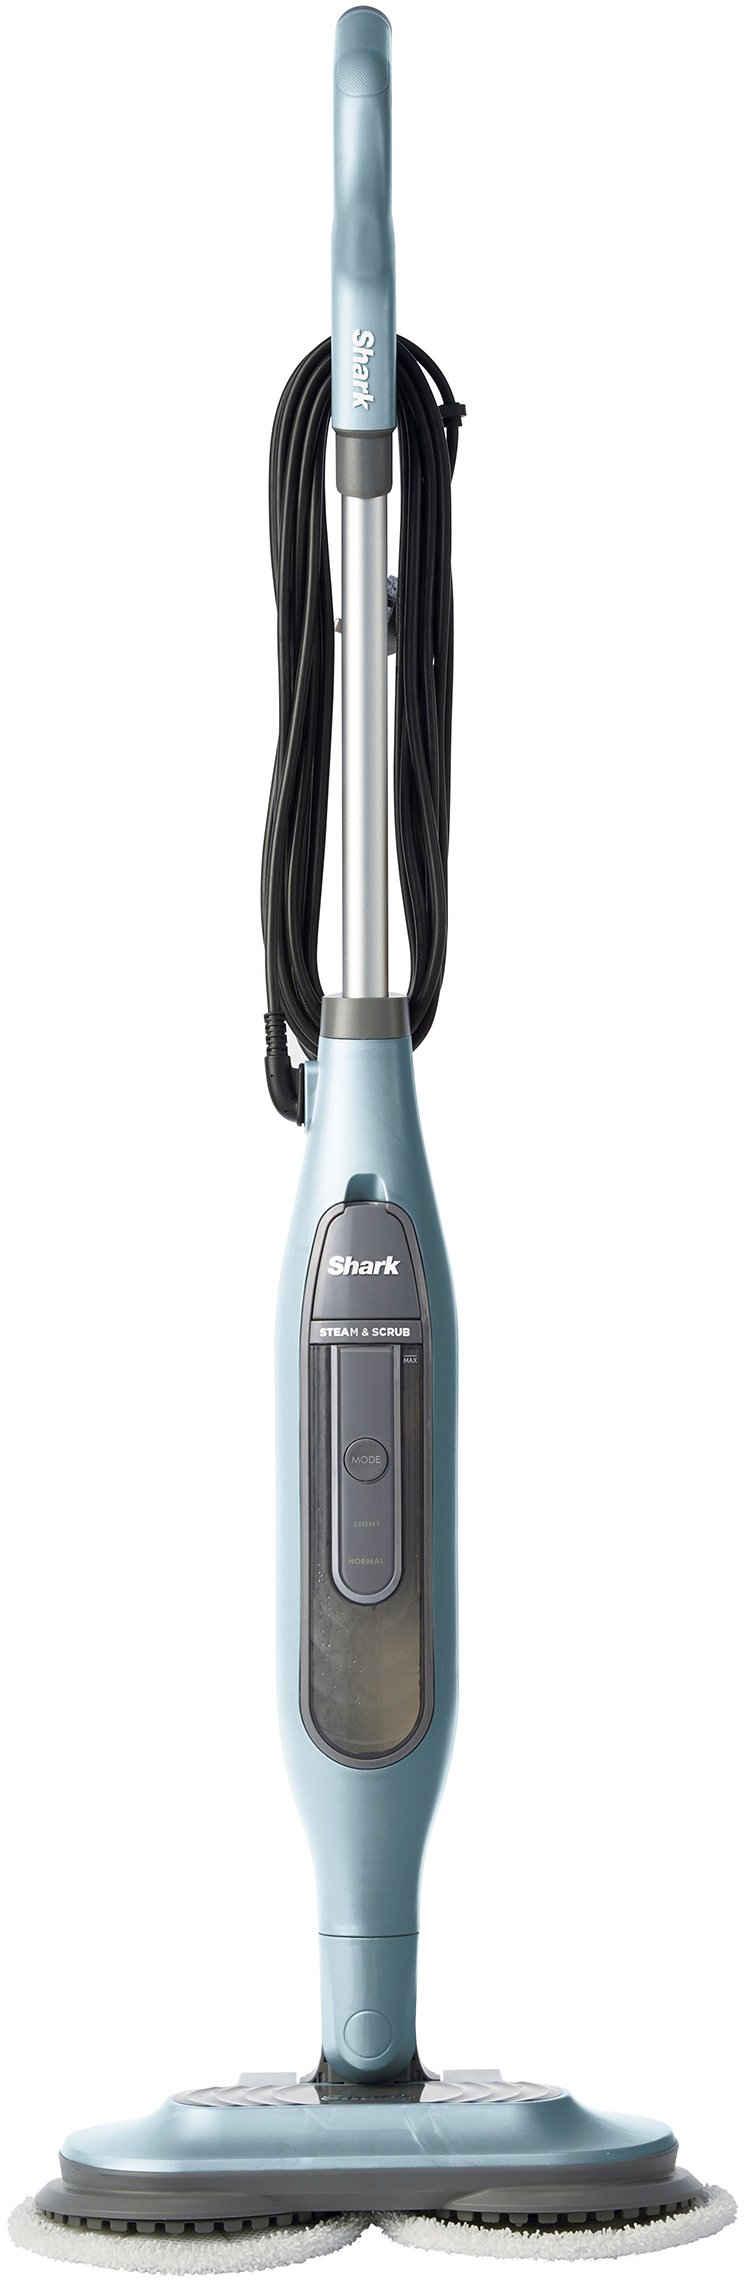 Shark Dampfreiniger Shark Rotierender Automatischer Dampfreiniger S6002EU, 1120 Watt